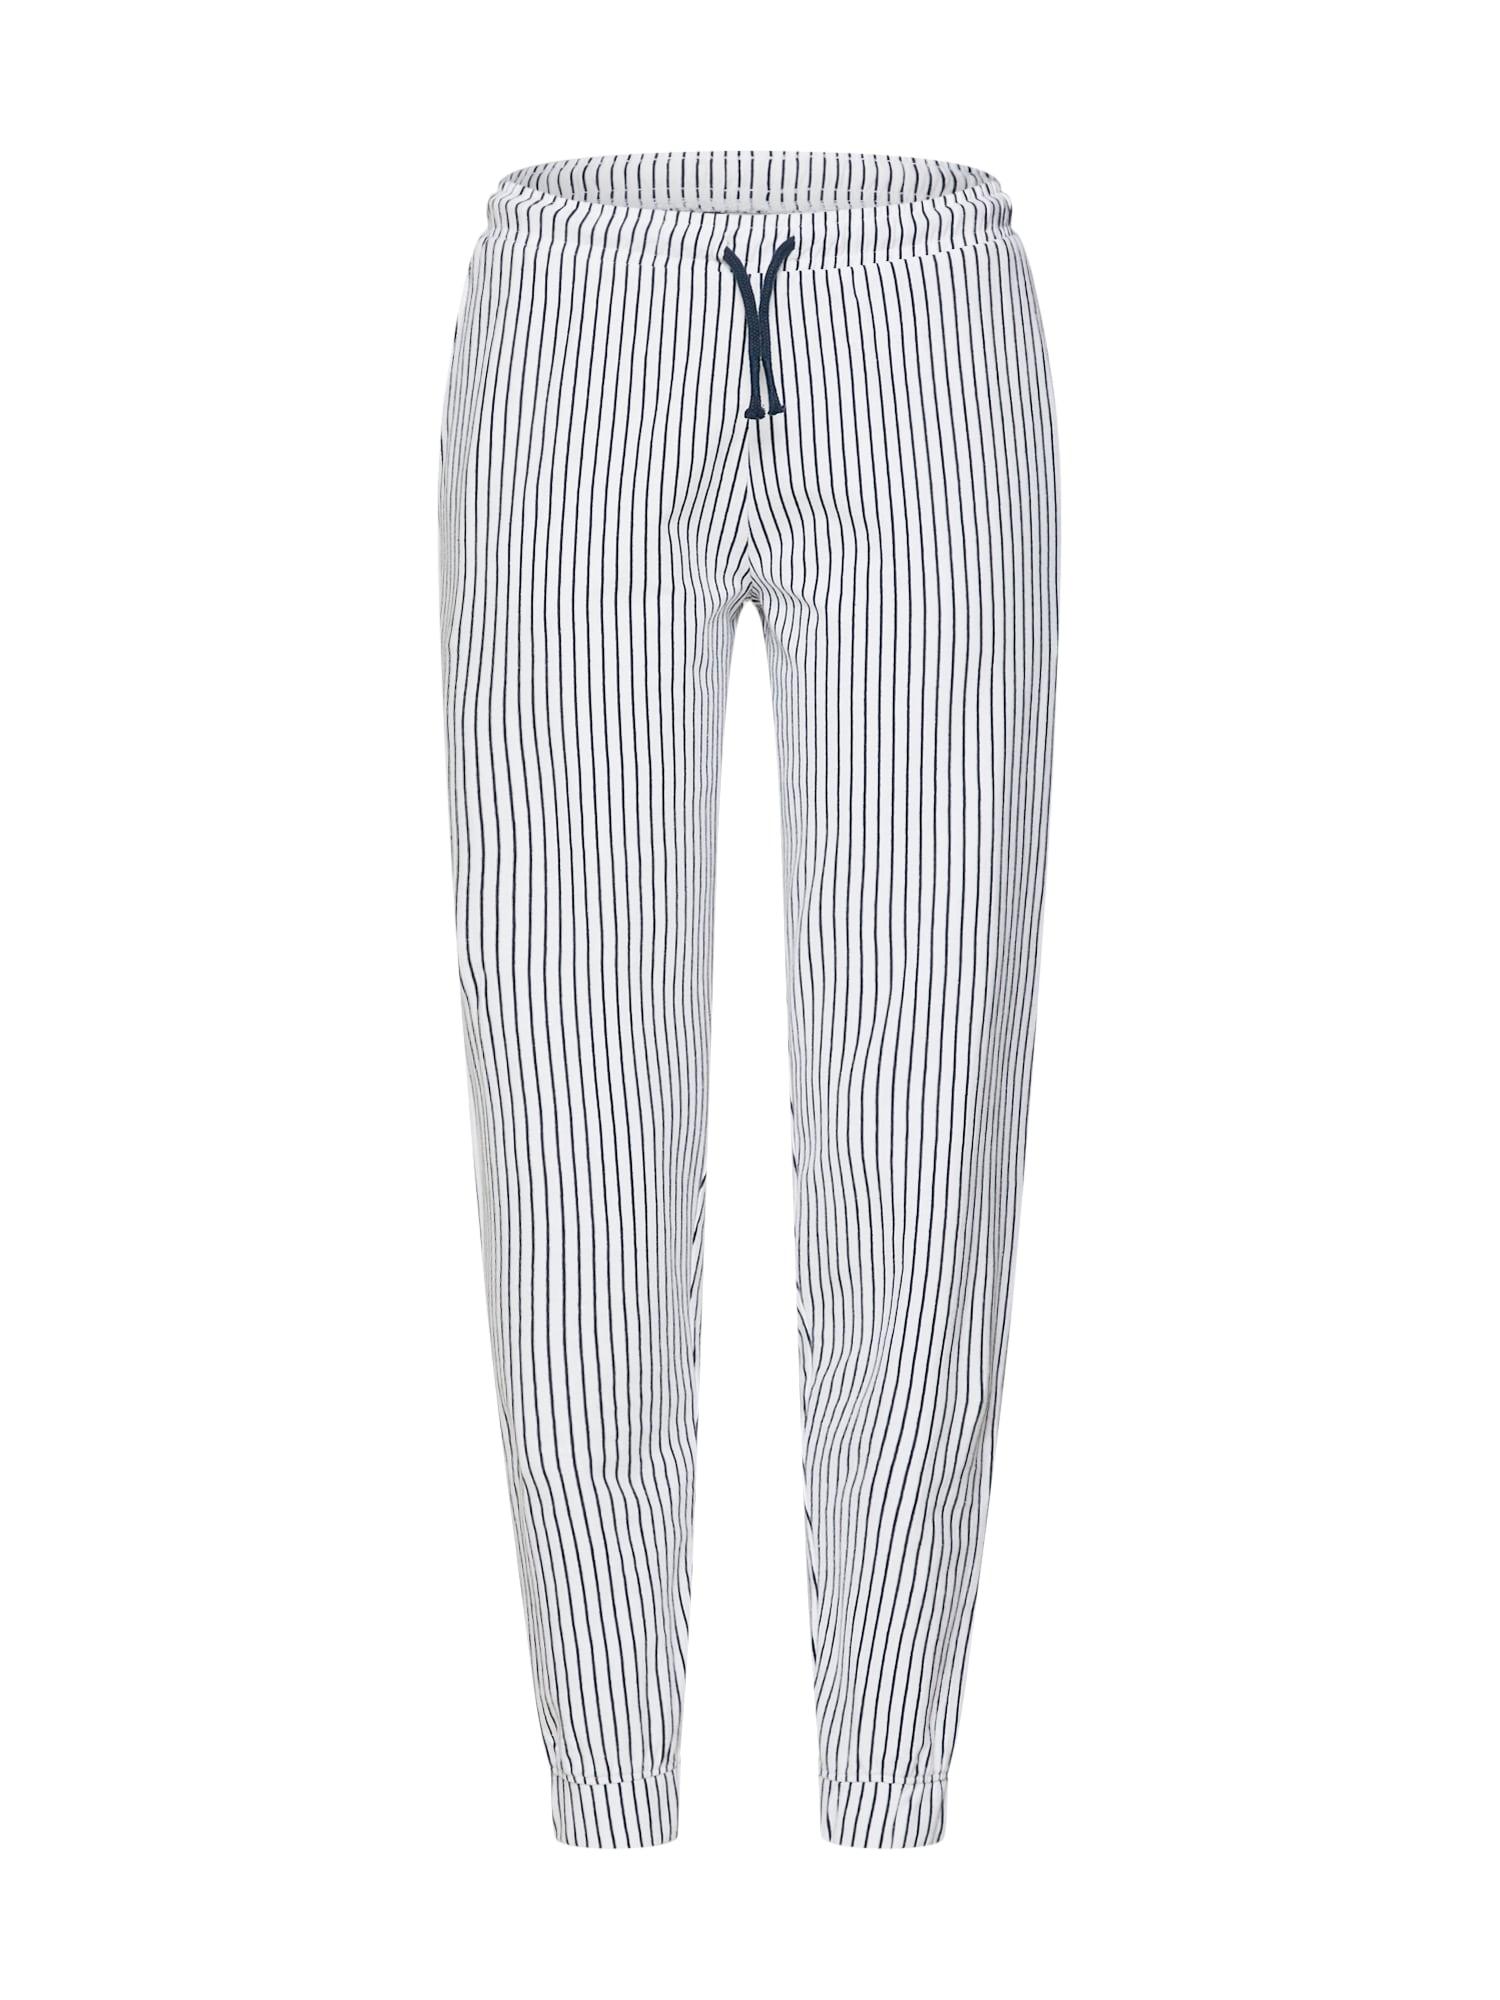 Kalhoty Mia námořnická modř bílá Wemoto